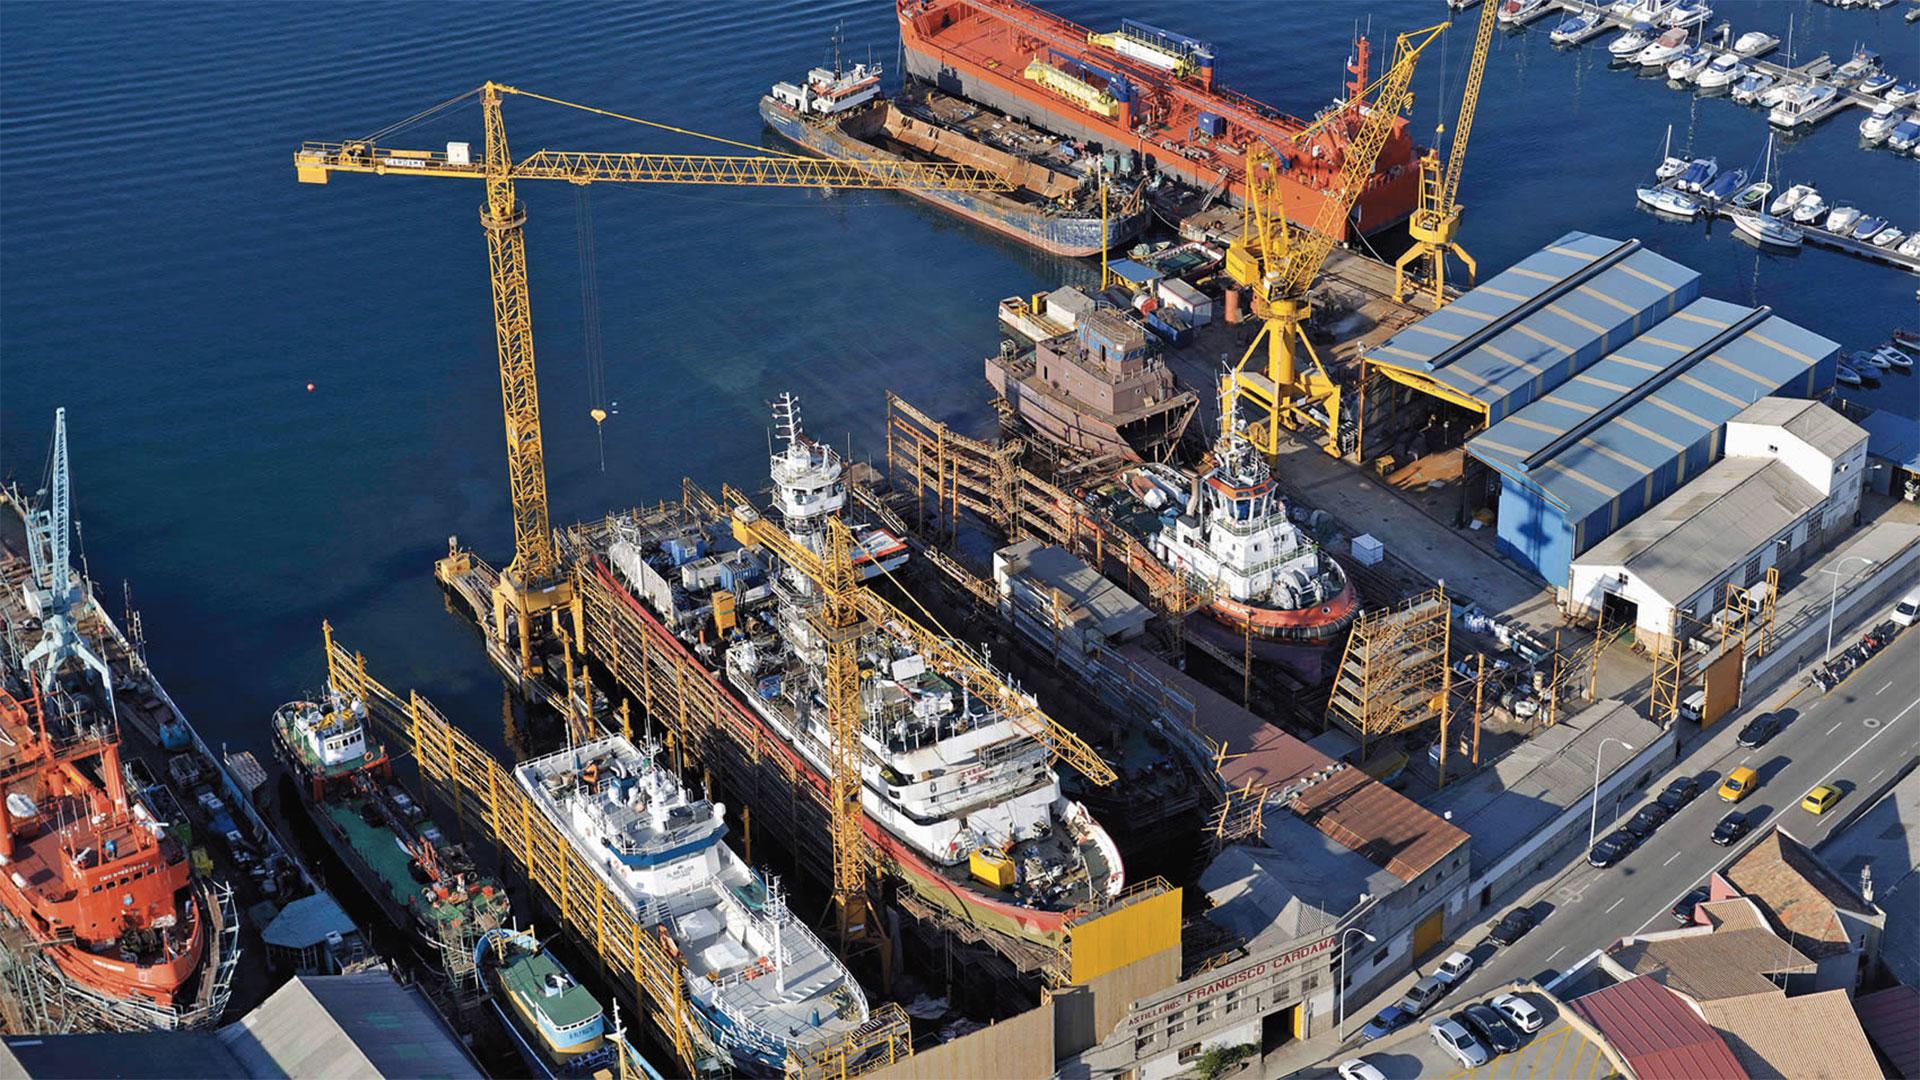 Esto es lo que necesita Ferrol y el sector de la construcción naval en nuestro país. Y esto es lo que proponemos las candidaturas De Verdad contra la crisis-Unificación Comunista de España. Por eso os pedimos vuestro voto el próximo 21 de octubre.